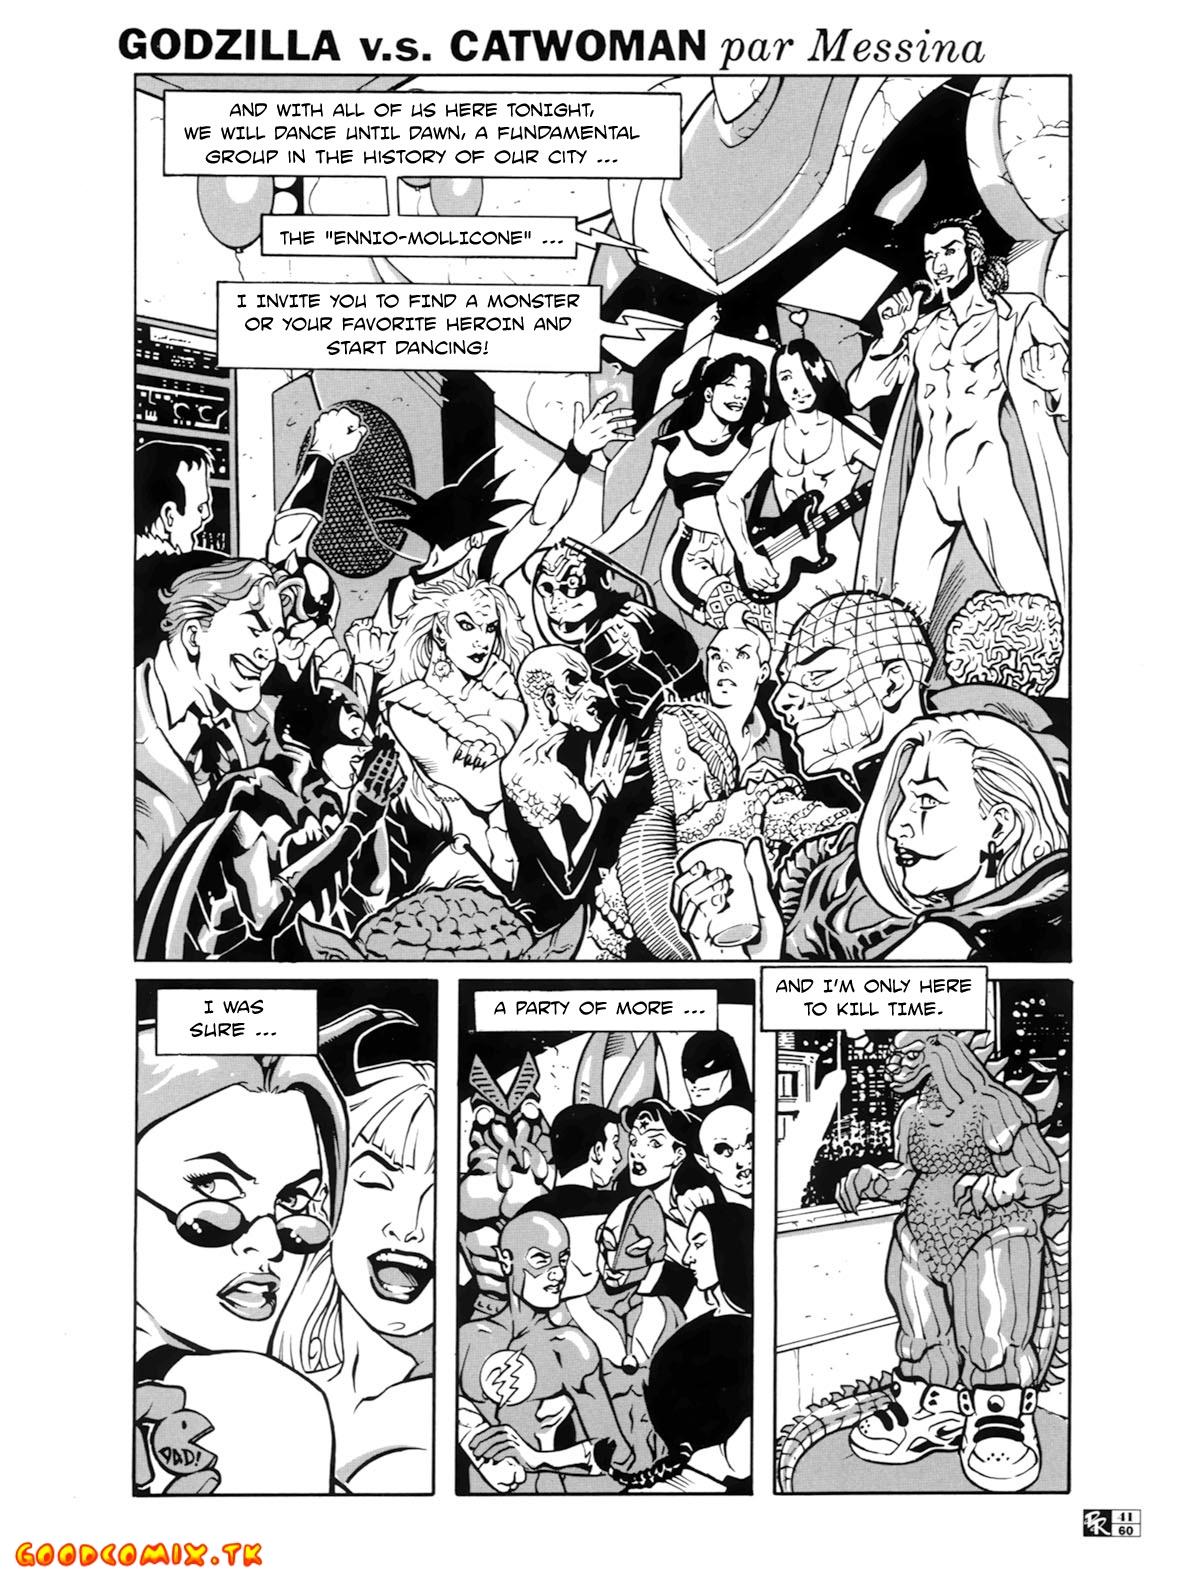 Goodcomix.tk Crossover - [Messina] - Godzilla V.S. Catwoman